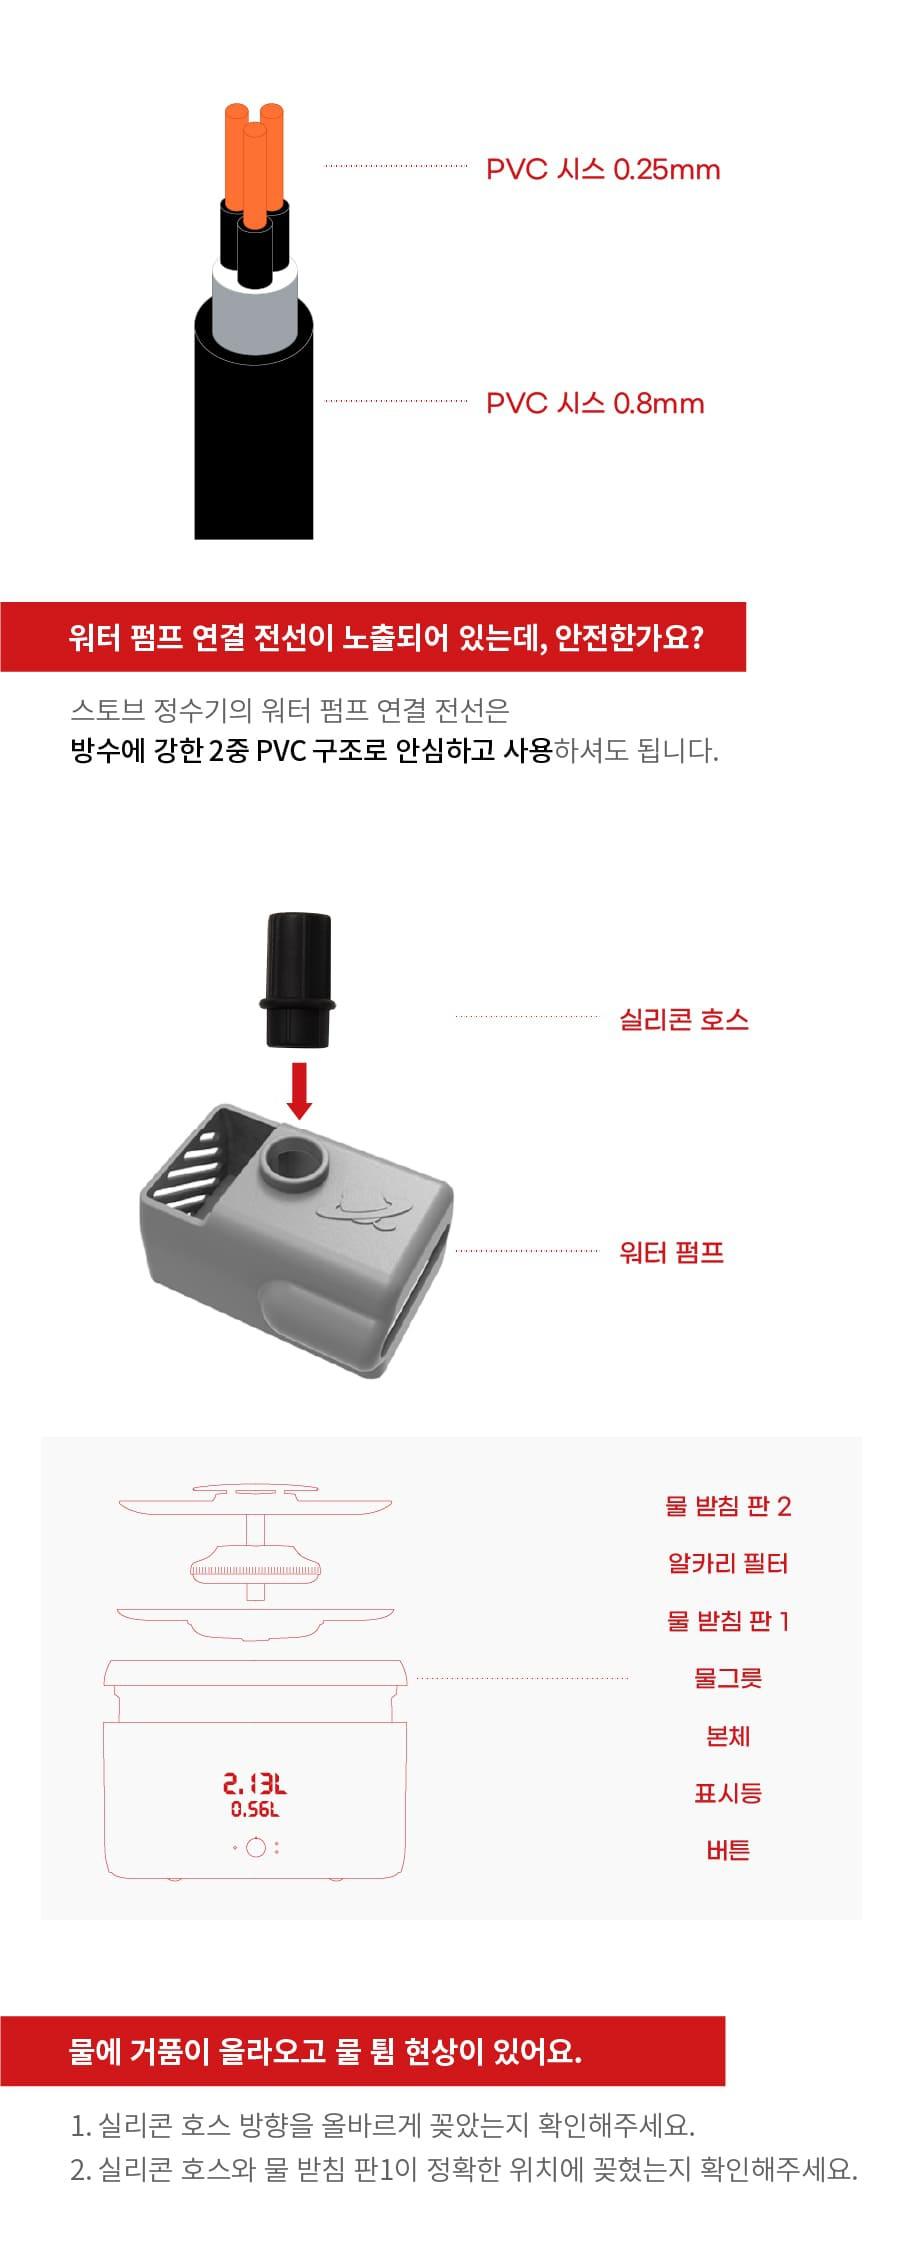 스토브 순수 알카리 9.0 정수기-상품이미지-40